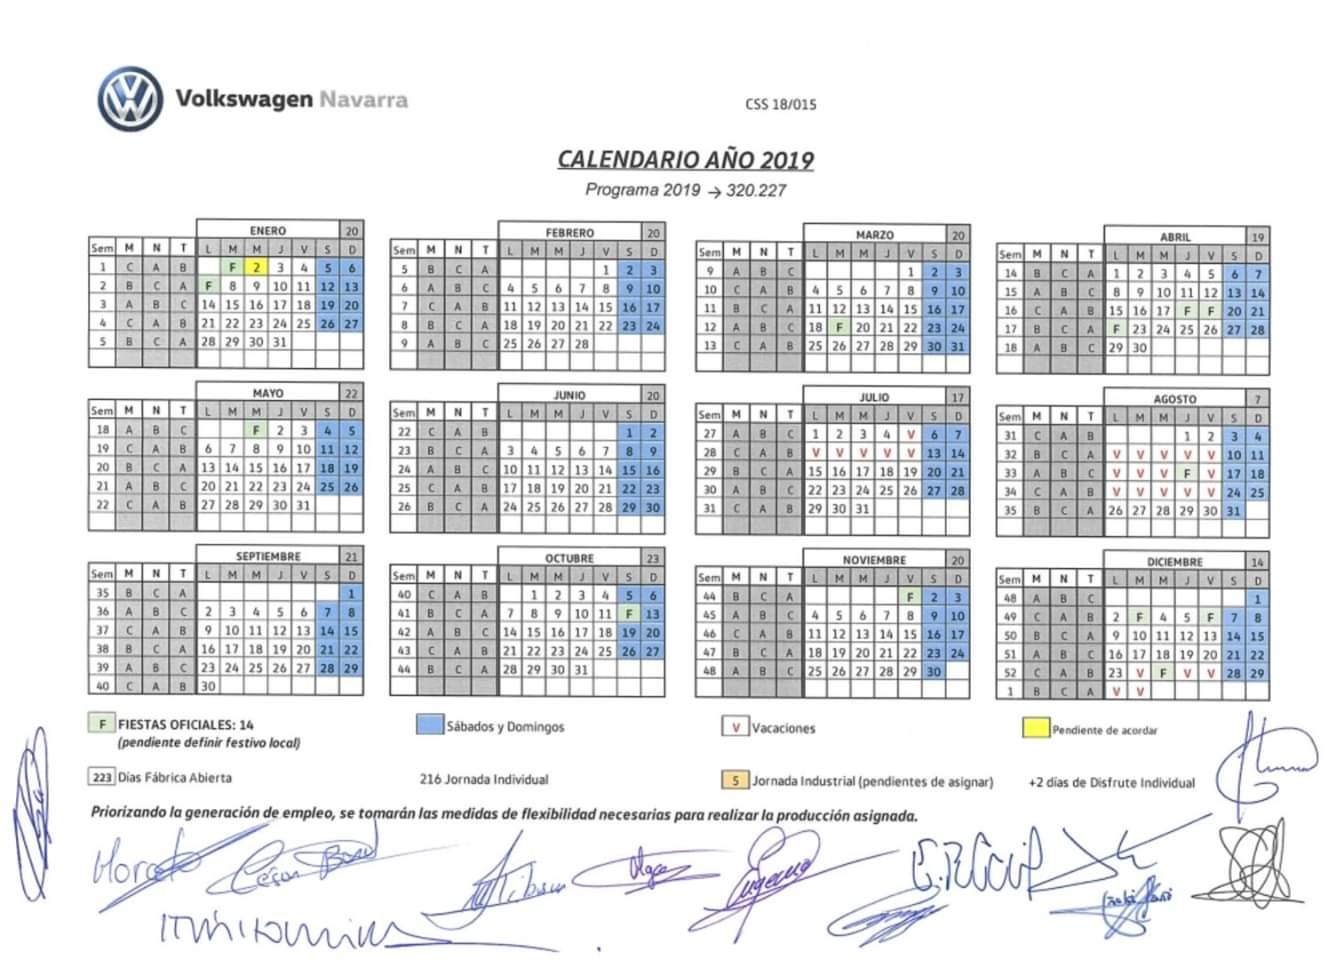 Calendario Laboral 2019 Navarra.Seccion Sindical Ccoo Volkswagen Navarra Calendario 2019